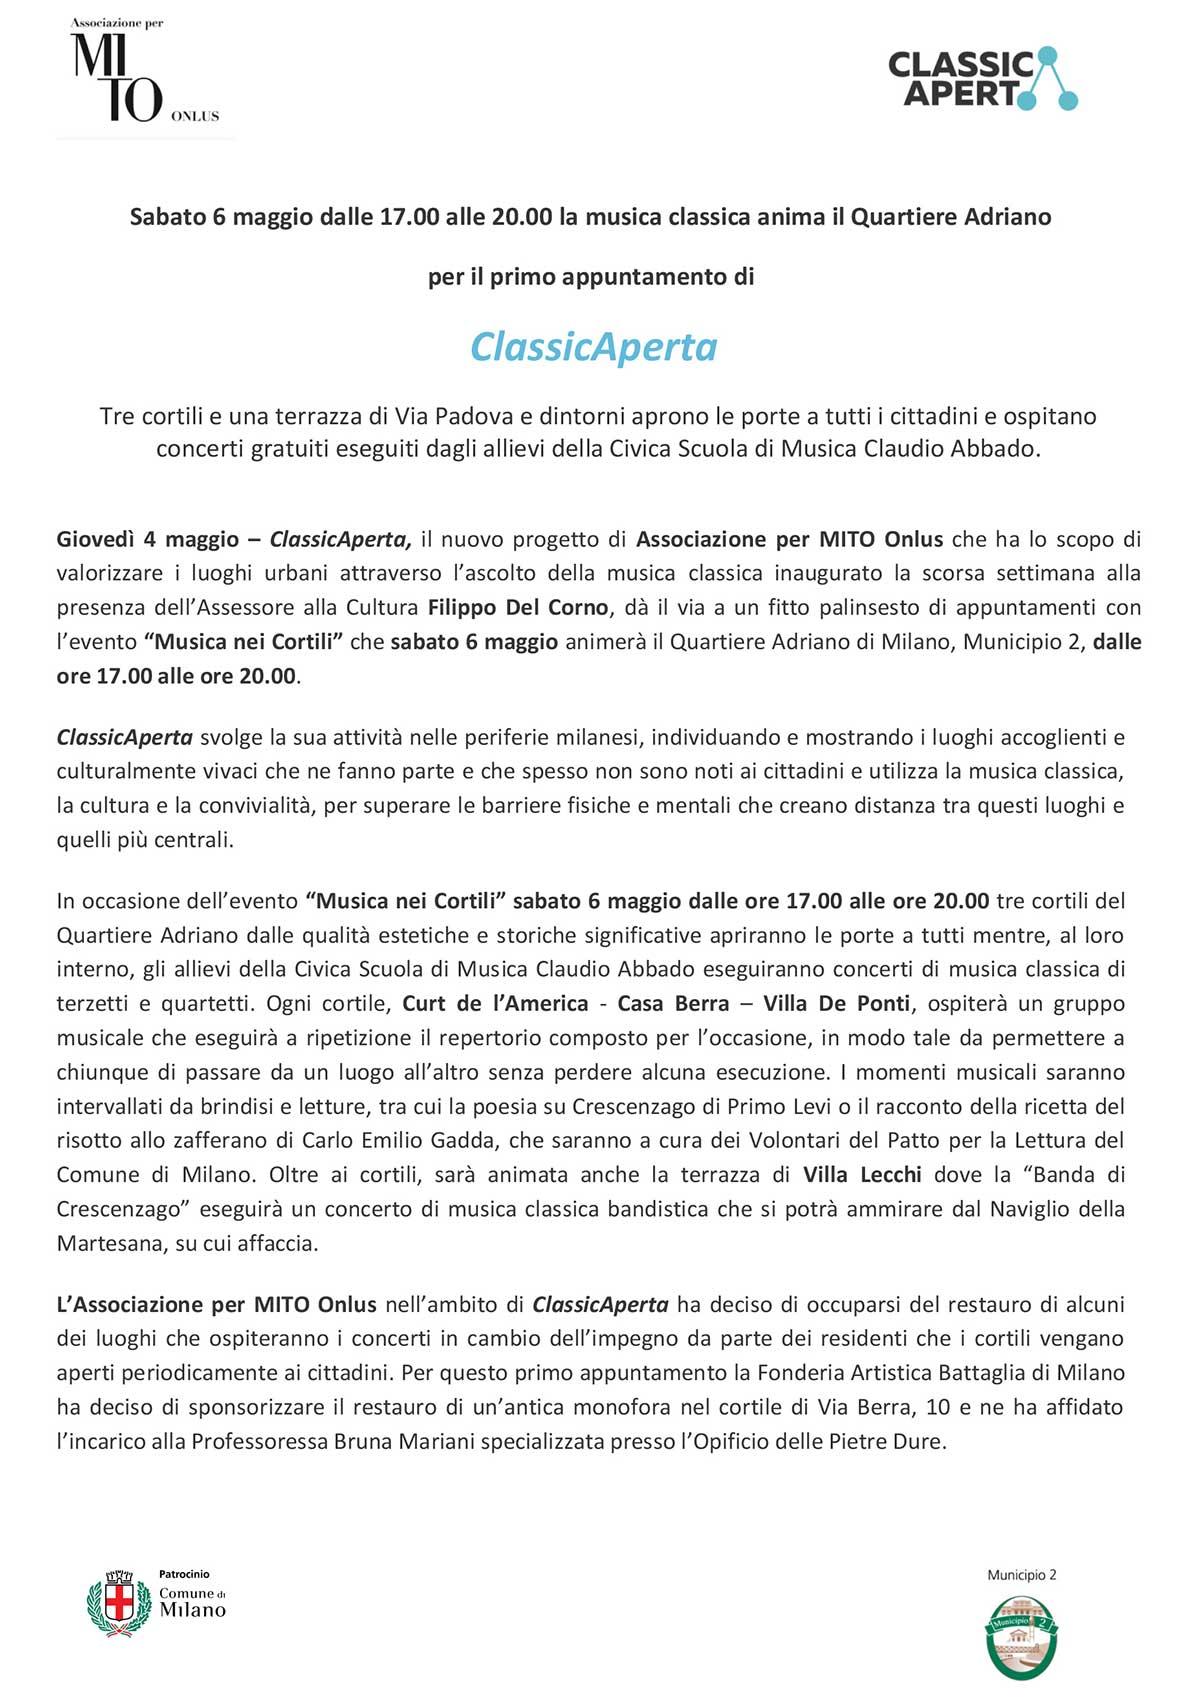 CS_6-maggio-ClassicAperta-musica-nei-cortili-del-Quartiere-Adriano-1200x1700